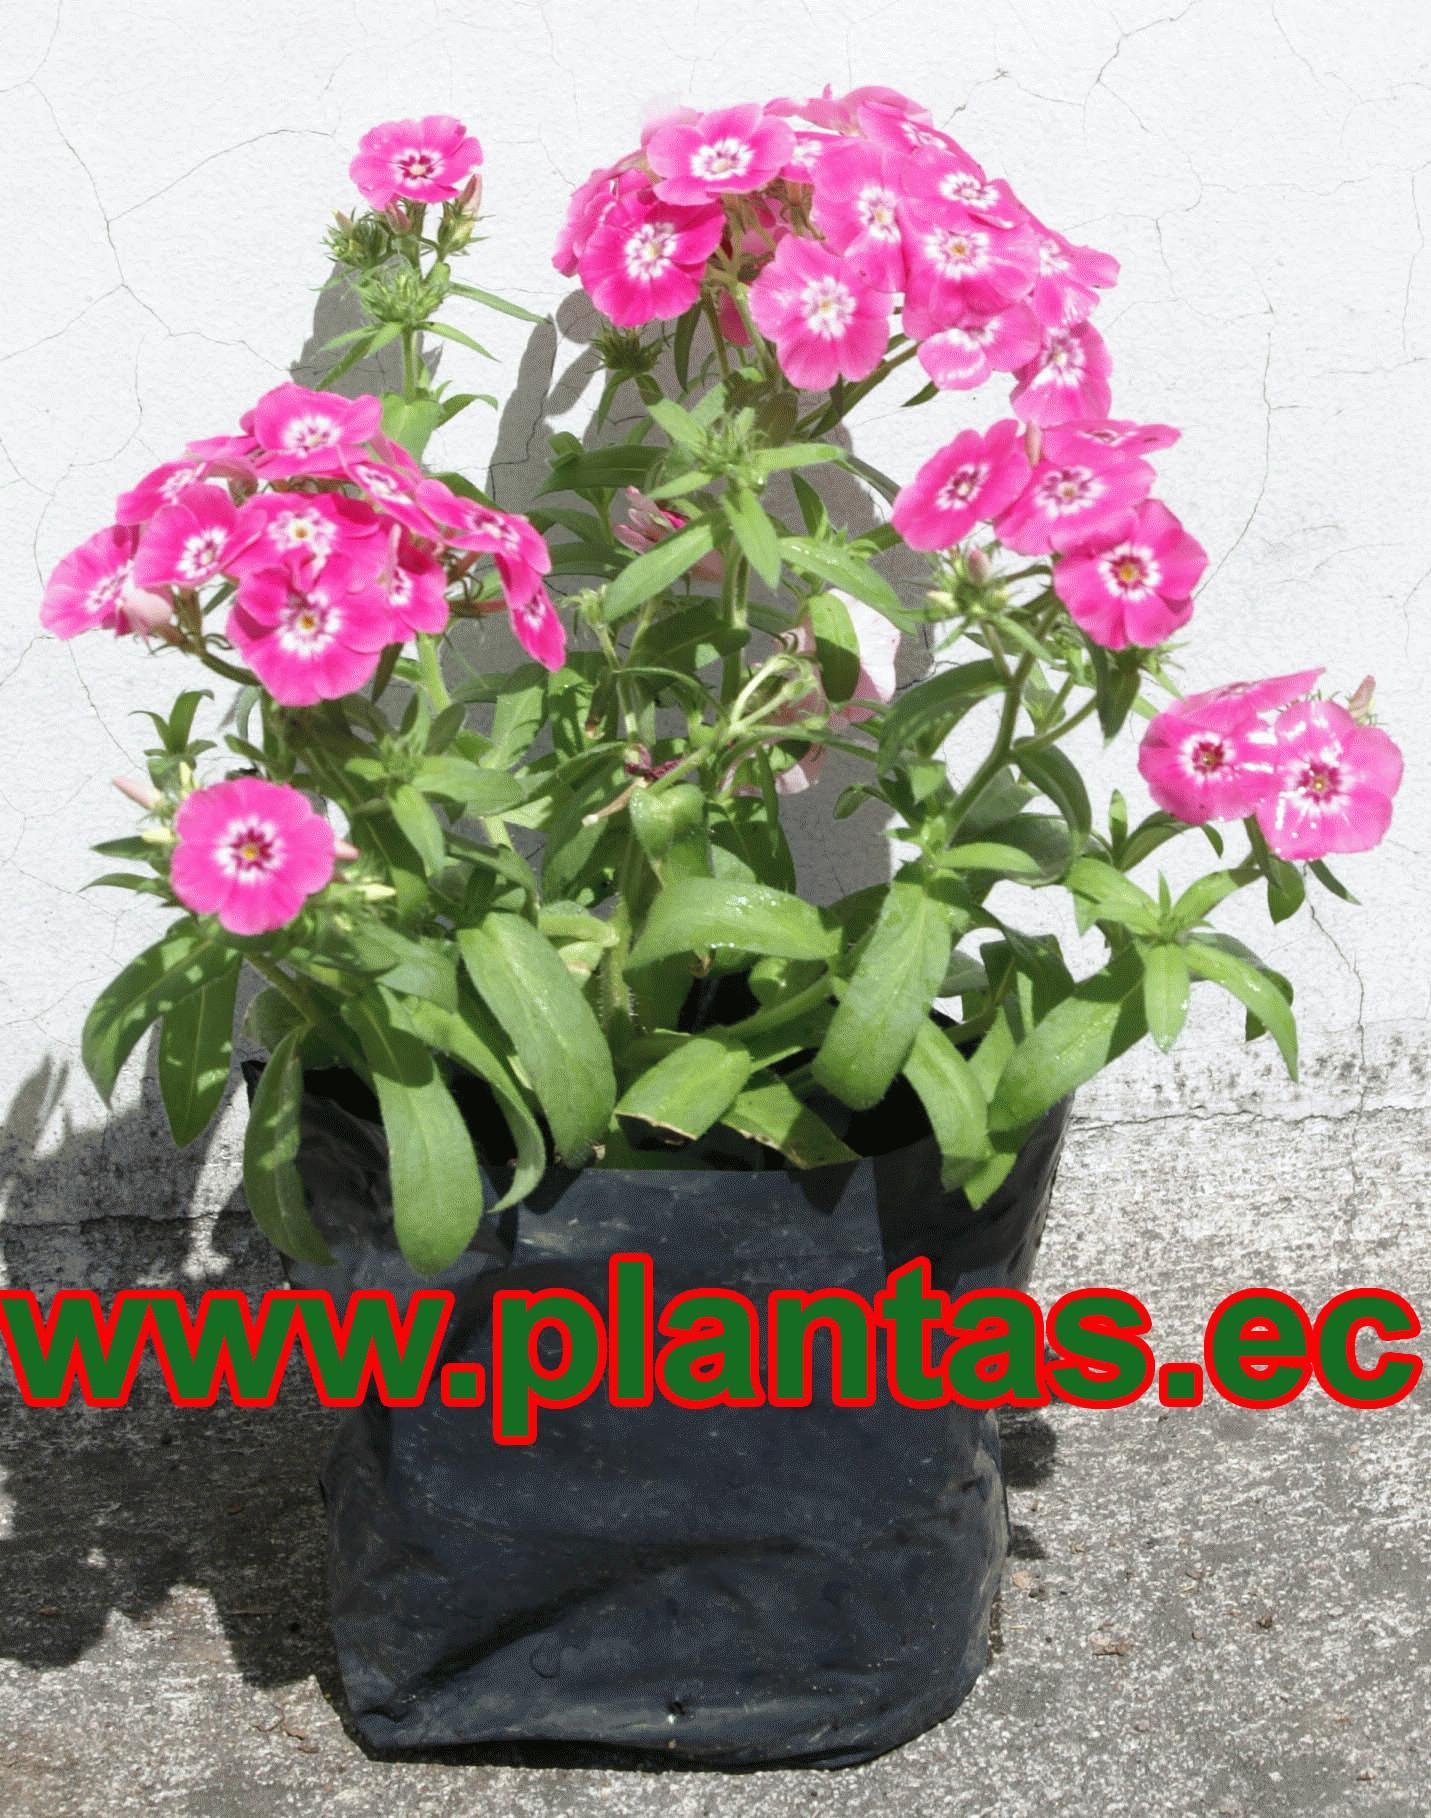 Bellitas arboles frutales plantas ornamentales y for Hierbas ornamentales